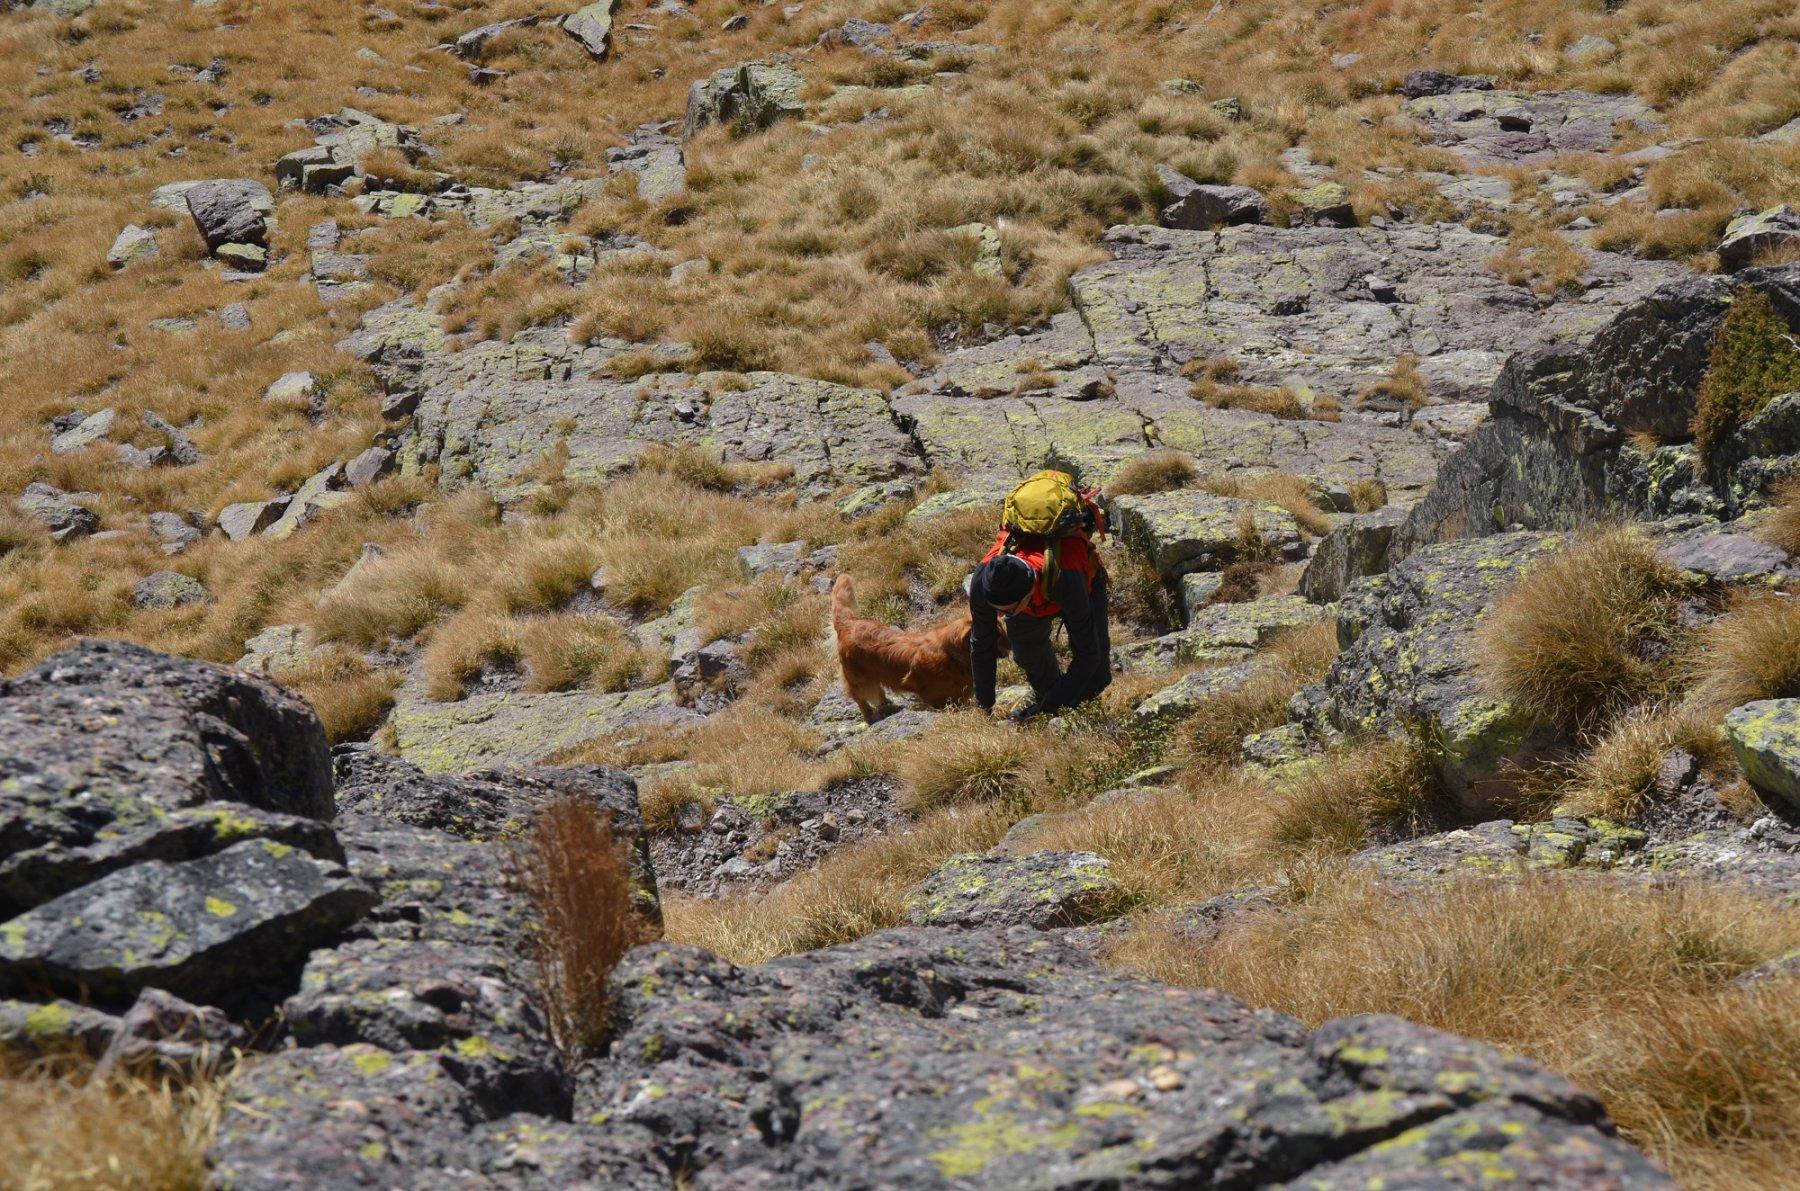 Salita alternativa anche per cagnoloni alpinisti